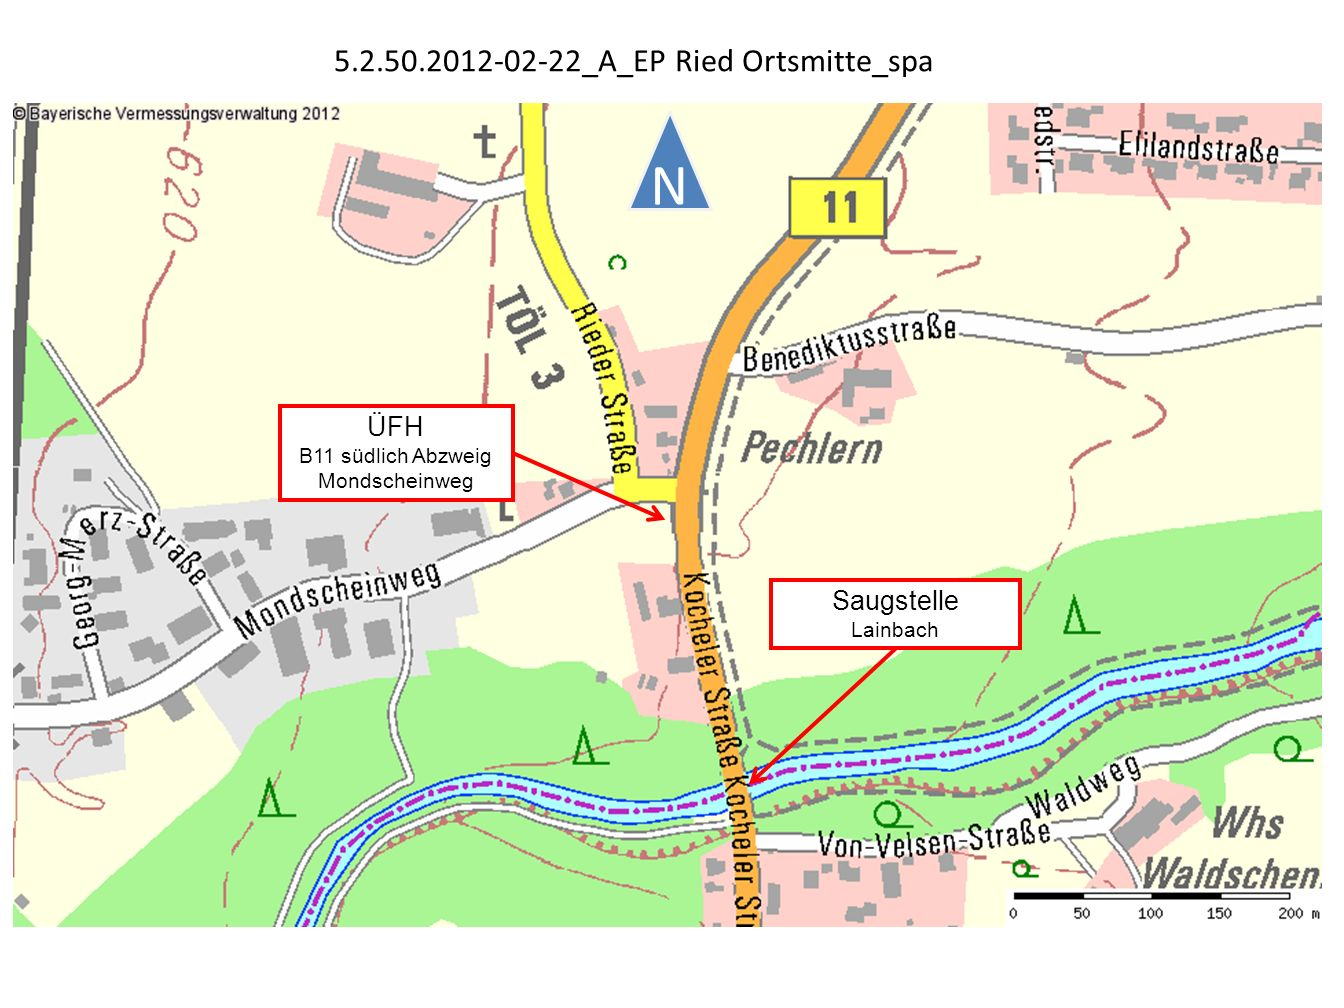 ÜFH B11 südlich Abzweig Mondscheinweg Saugstelle Lainbach N 5.2.50.2012-02-22_A_EP Ried Ortsmitte_spa